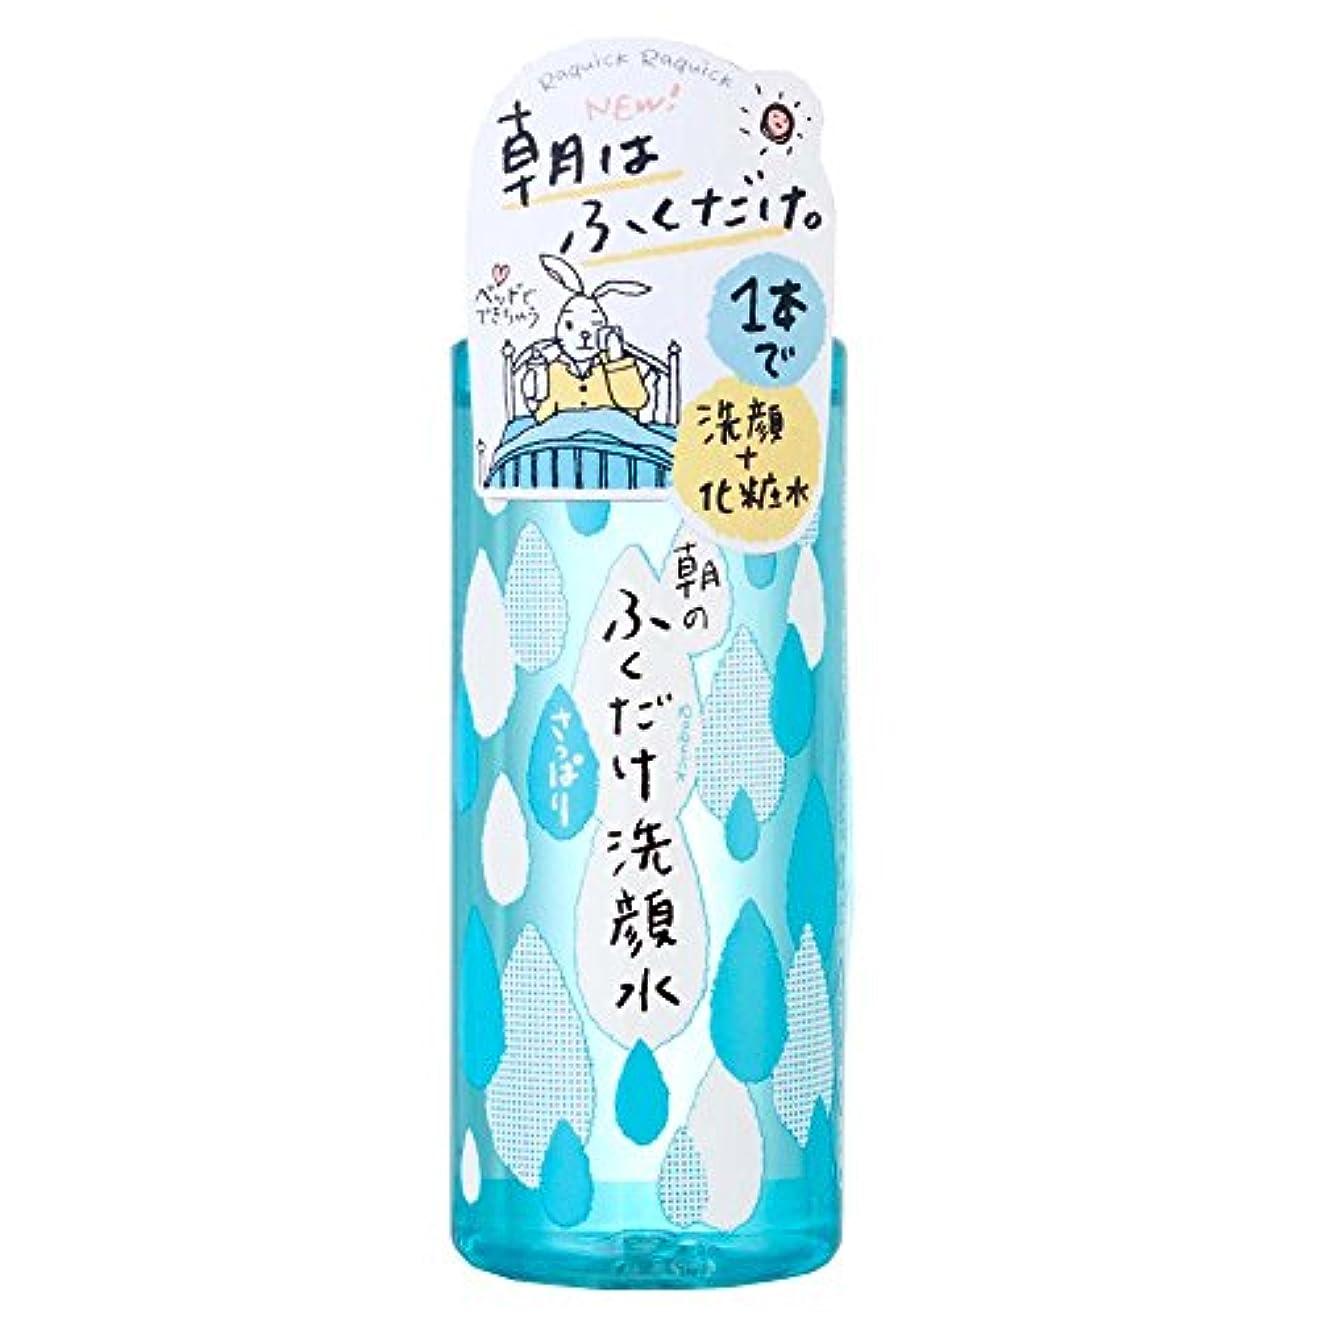 広げるもつれ水曜日ラクイック 朝のふくだけ洗顔水 さっぱり 310mL